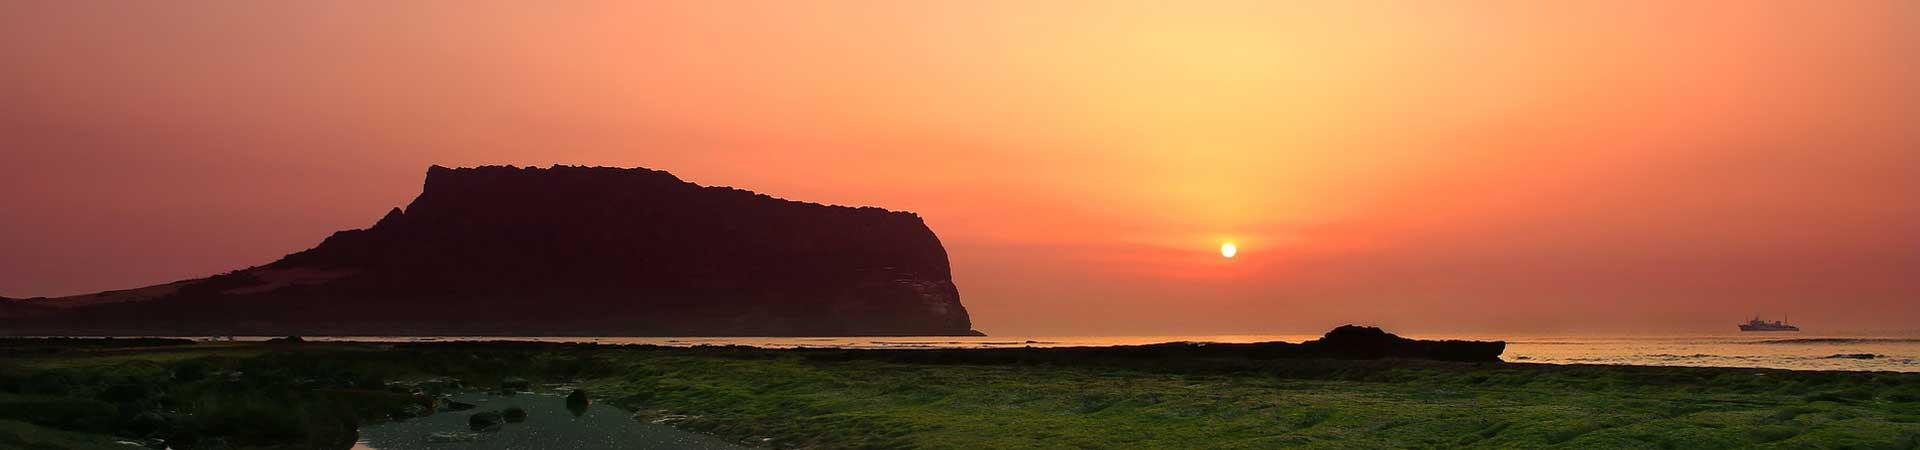 4D3N Magical Jeju Island